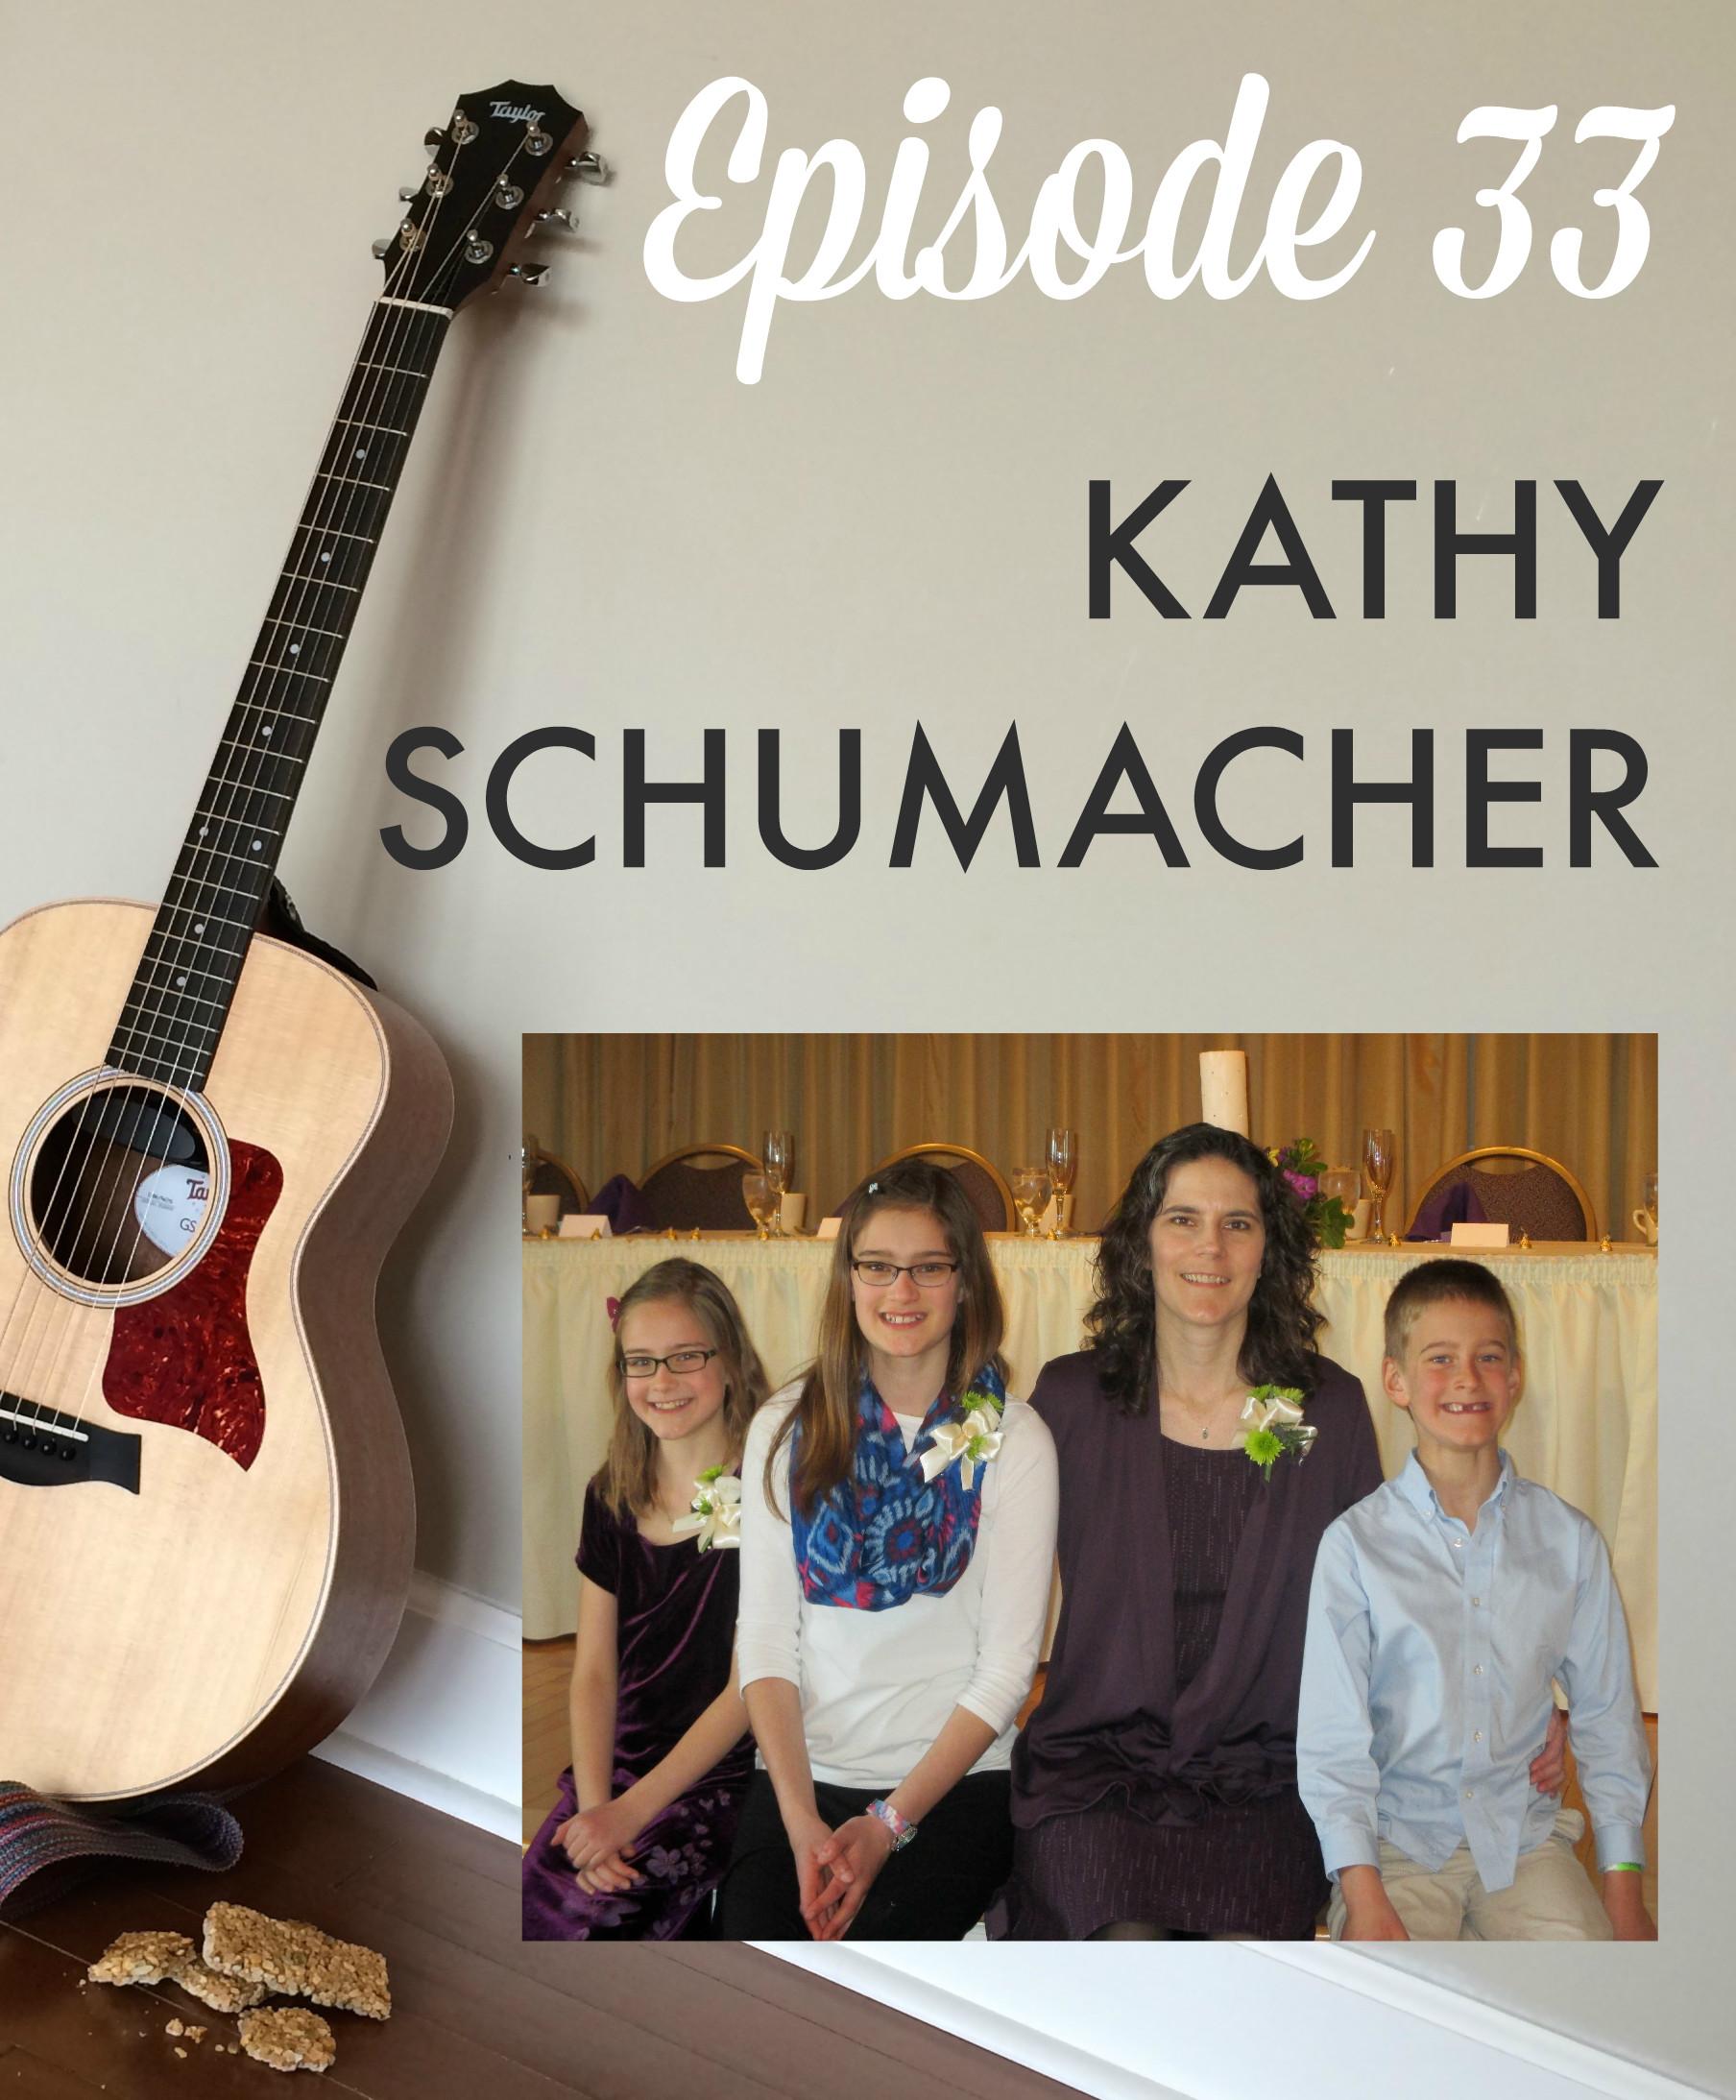 GGB Episode 33: Kathy Schumacher